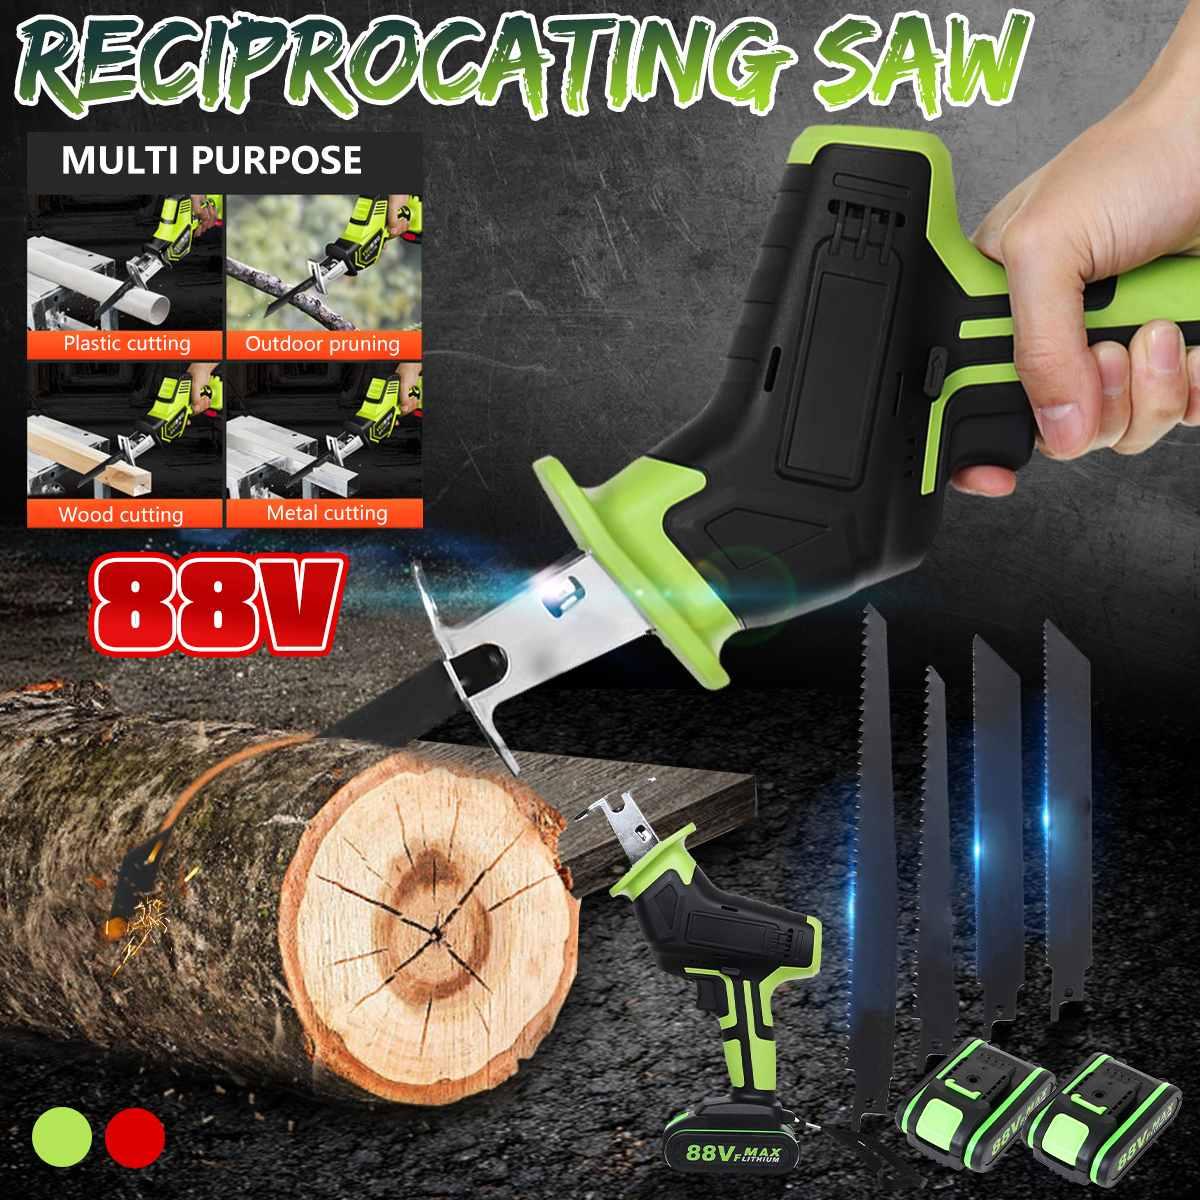 Doersupp 88V Беспроводная сабельная пила + 4 пилы для резки металла, дерева, инструмент, портативные деревообрабатывающие резаки, 220V w/2 батареи